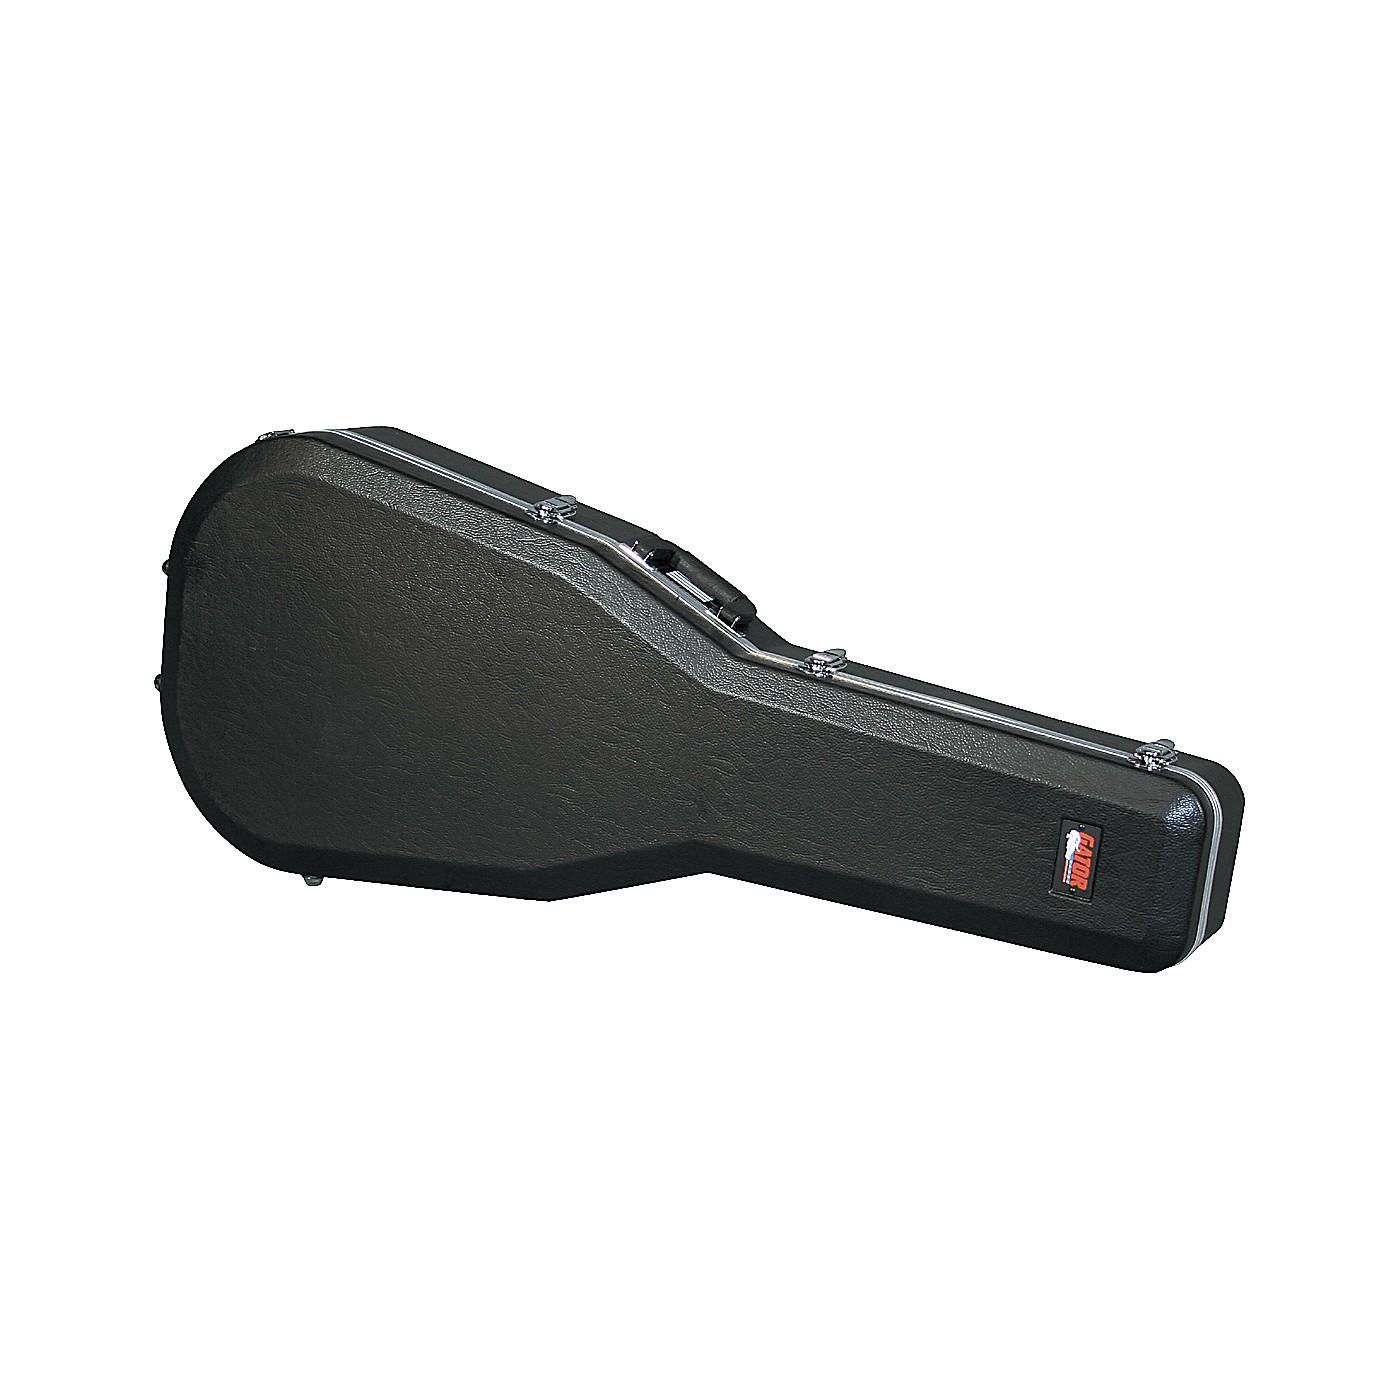 Gator GC-DREAD-12 Deluxe Dreadnought 6/12-String Guitar Case thumbnail